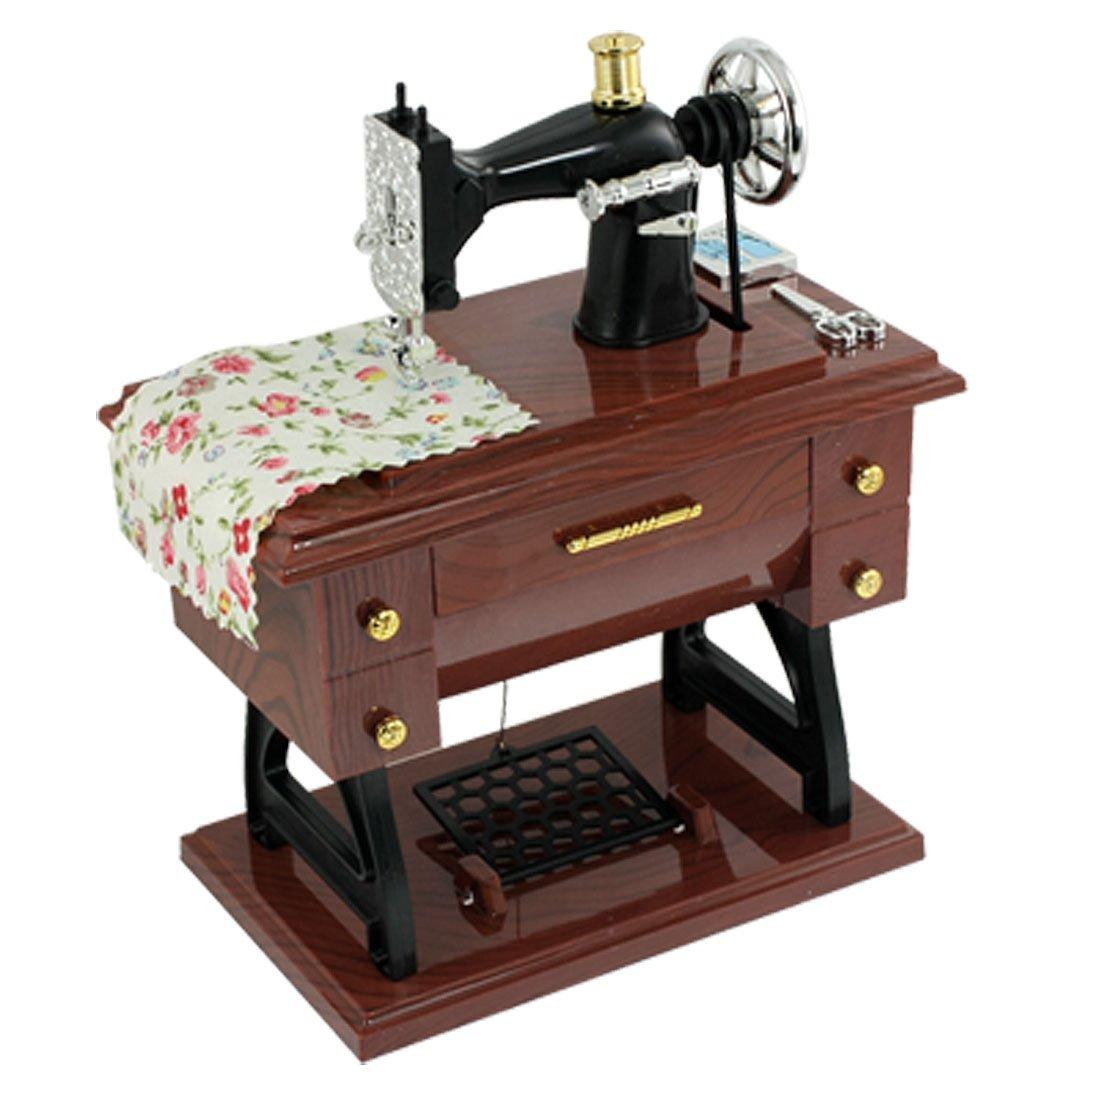 Como vento acima do vintage mini máquina de costura estilo caixa de música mecânica